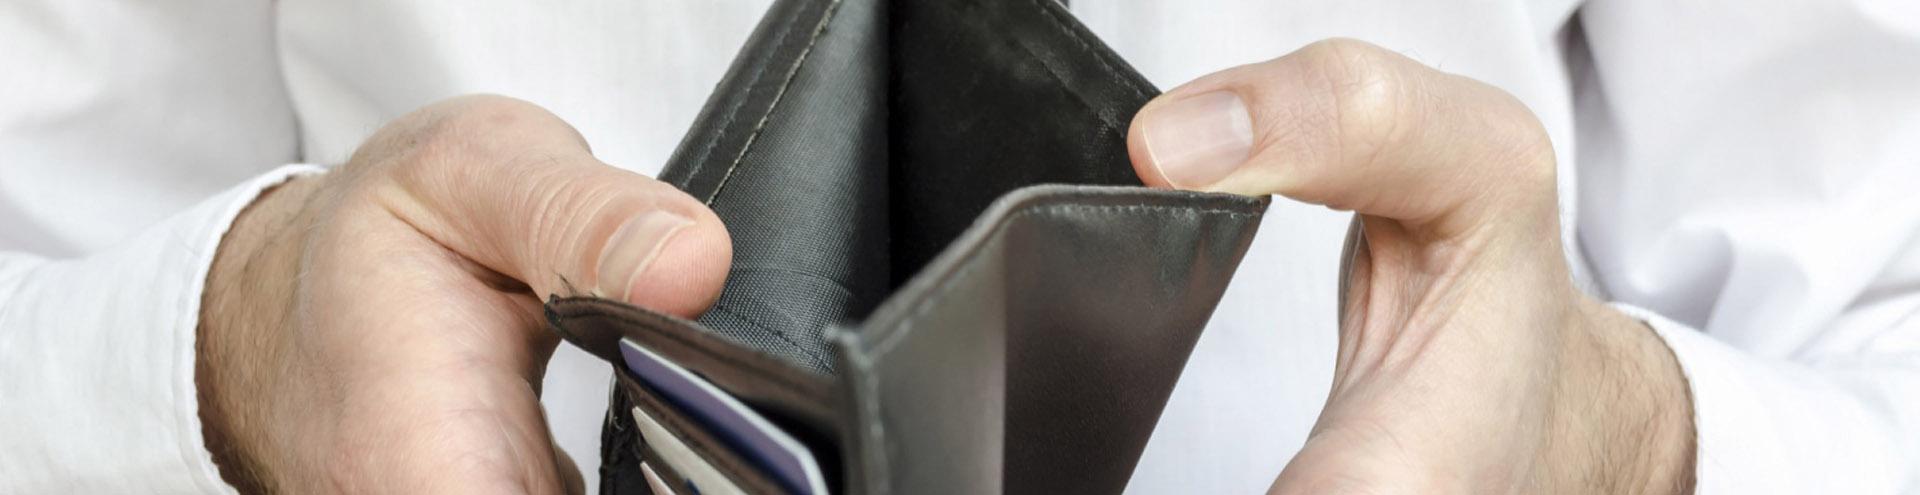 банкротство юридических лиц в Оренбурге и Оренбургской области